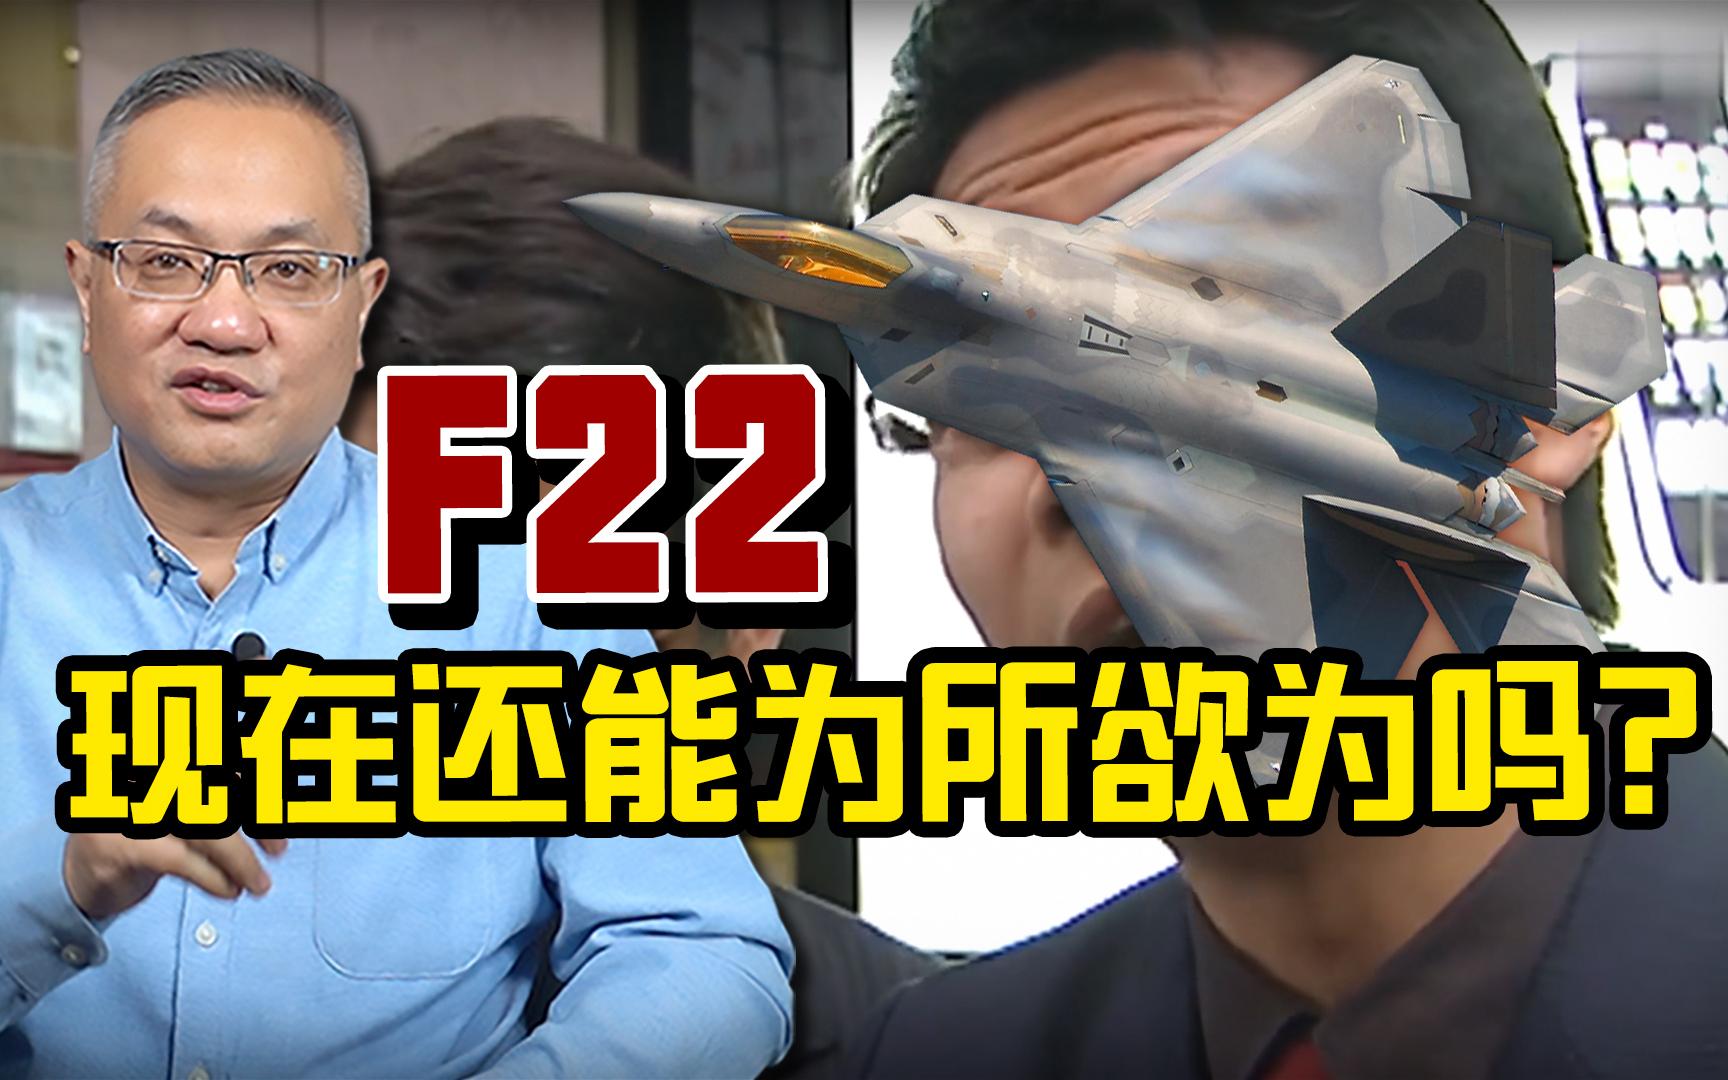 猛禽 or 萌禽?F22现在还能为所欲为吗?